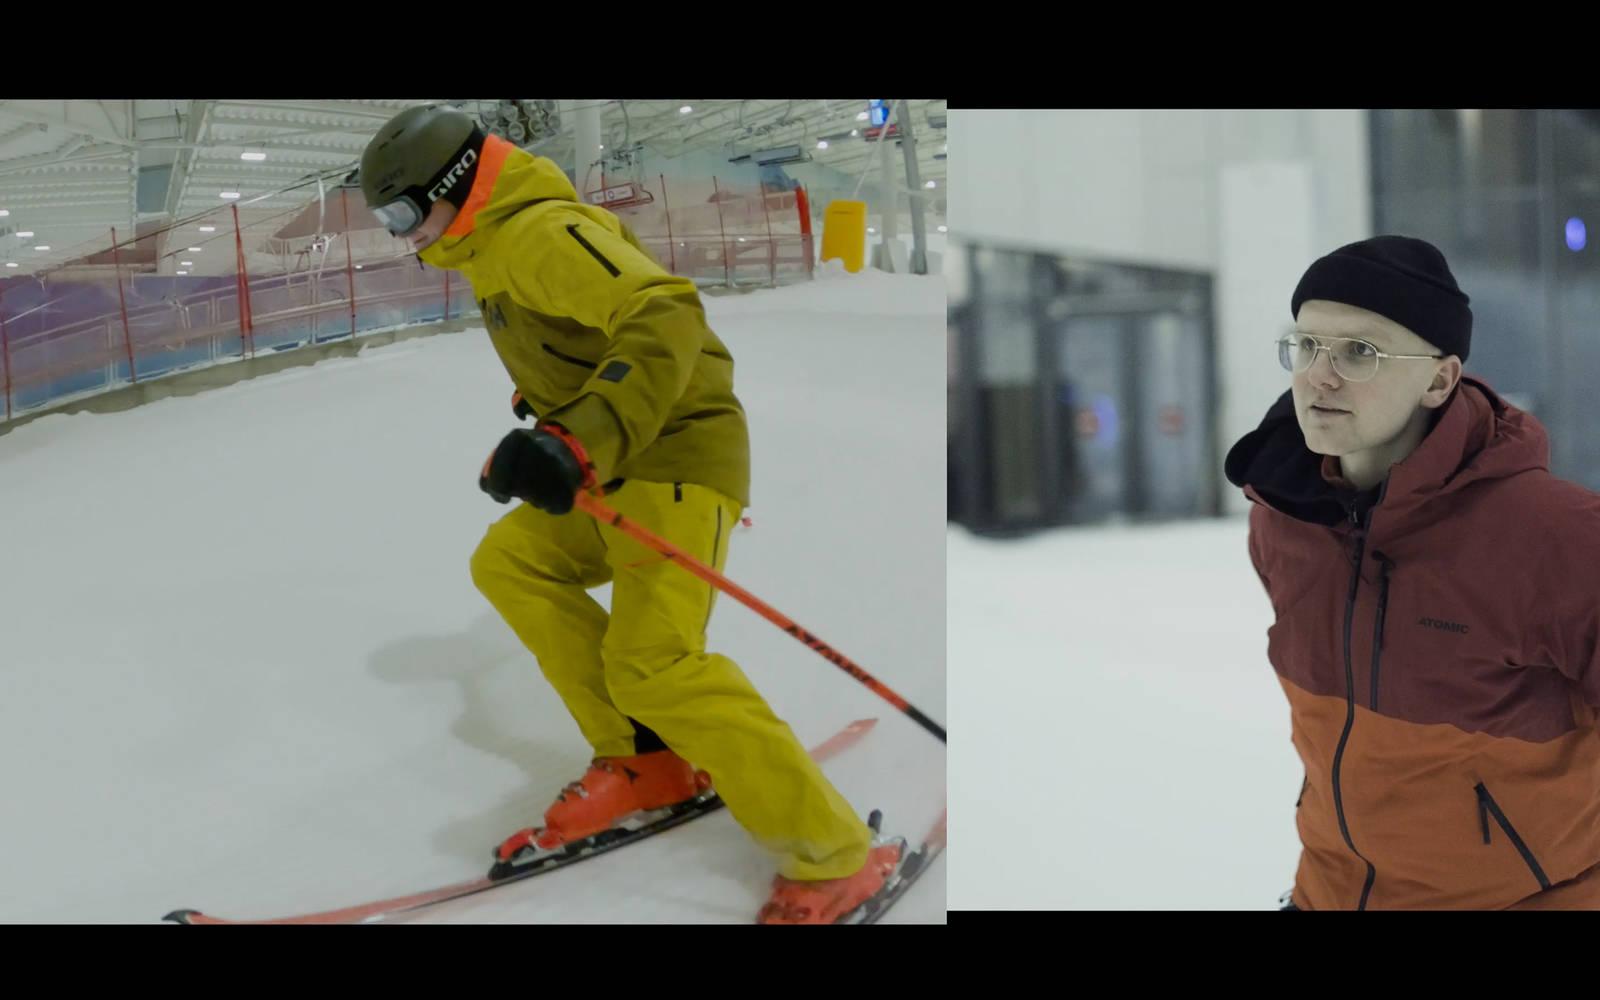 Øystein Aasheim ski Snø Lørenskog innendørs